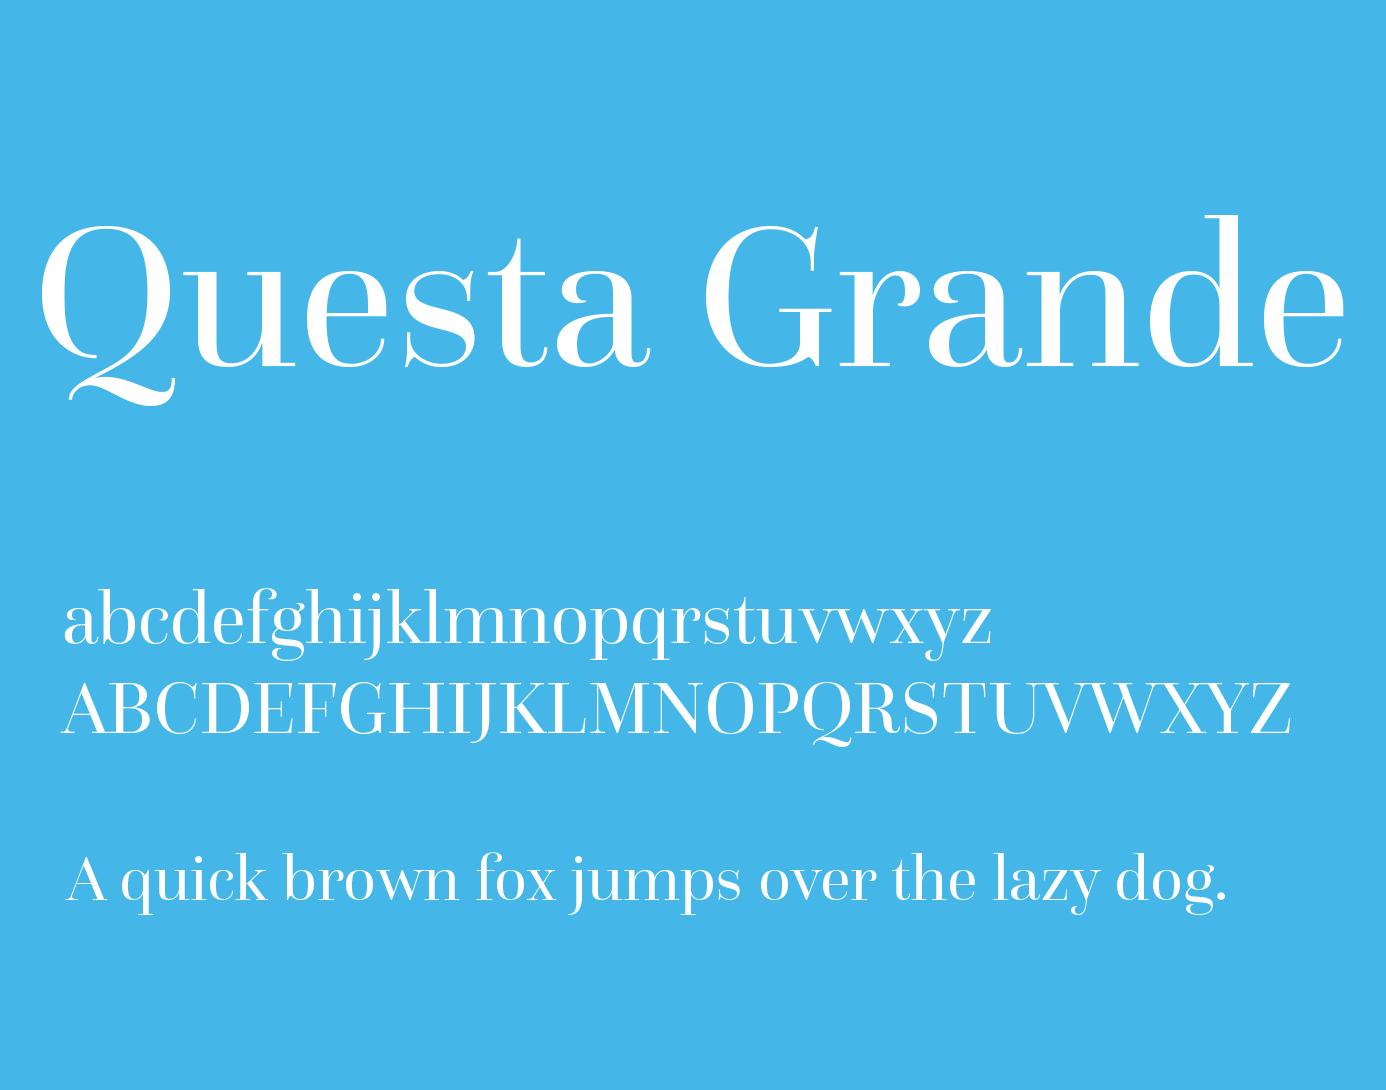 Questa Grande Font Free Download | Fonts | Free fonts